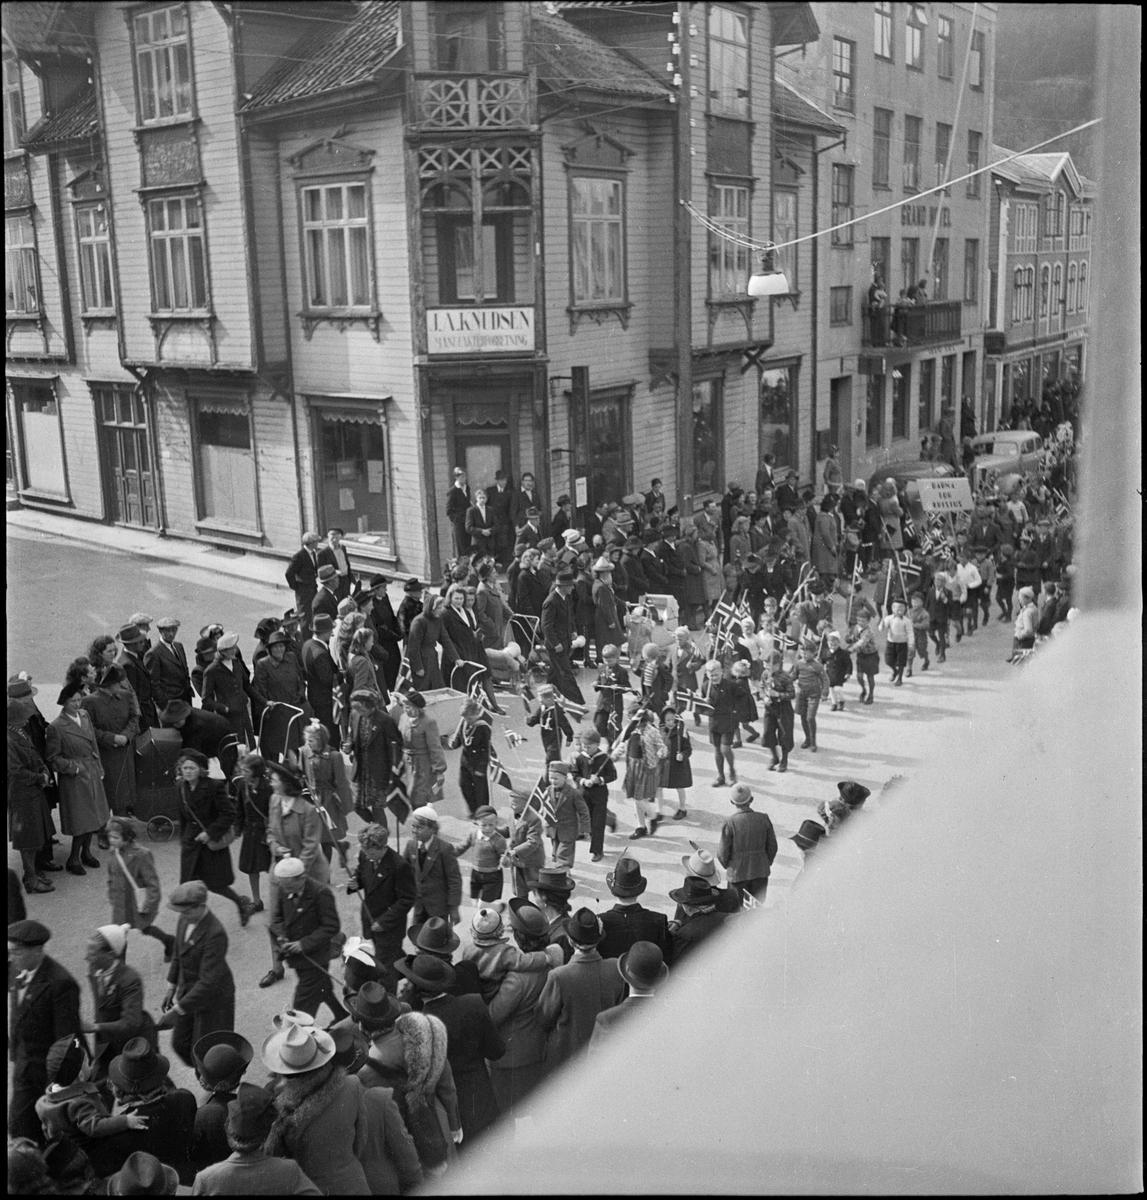 """Barnetog og musikkorps går igjennom sentrum av Egersund i anledning søndagsskolens dag. Flere bærer norske flagg og et barn bærer en plakat med teksten """"Jesus er barnas venn""""."""